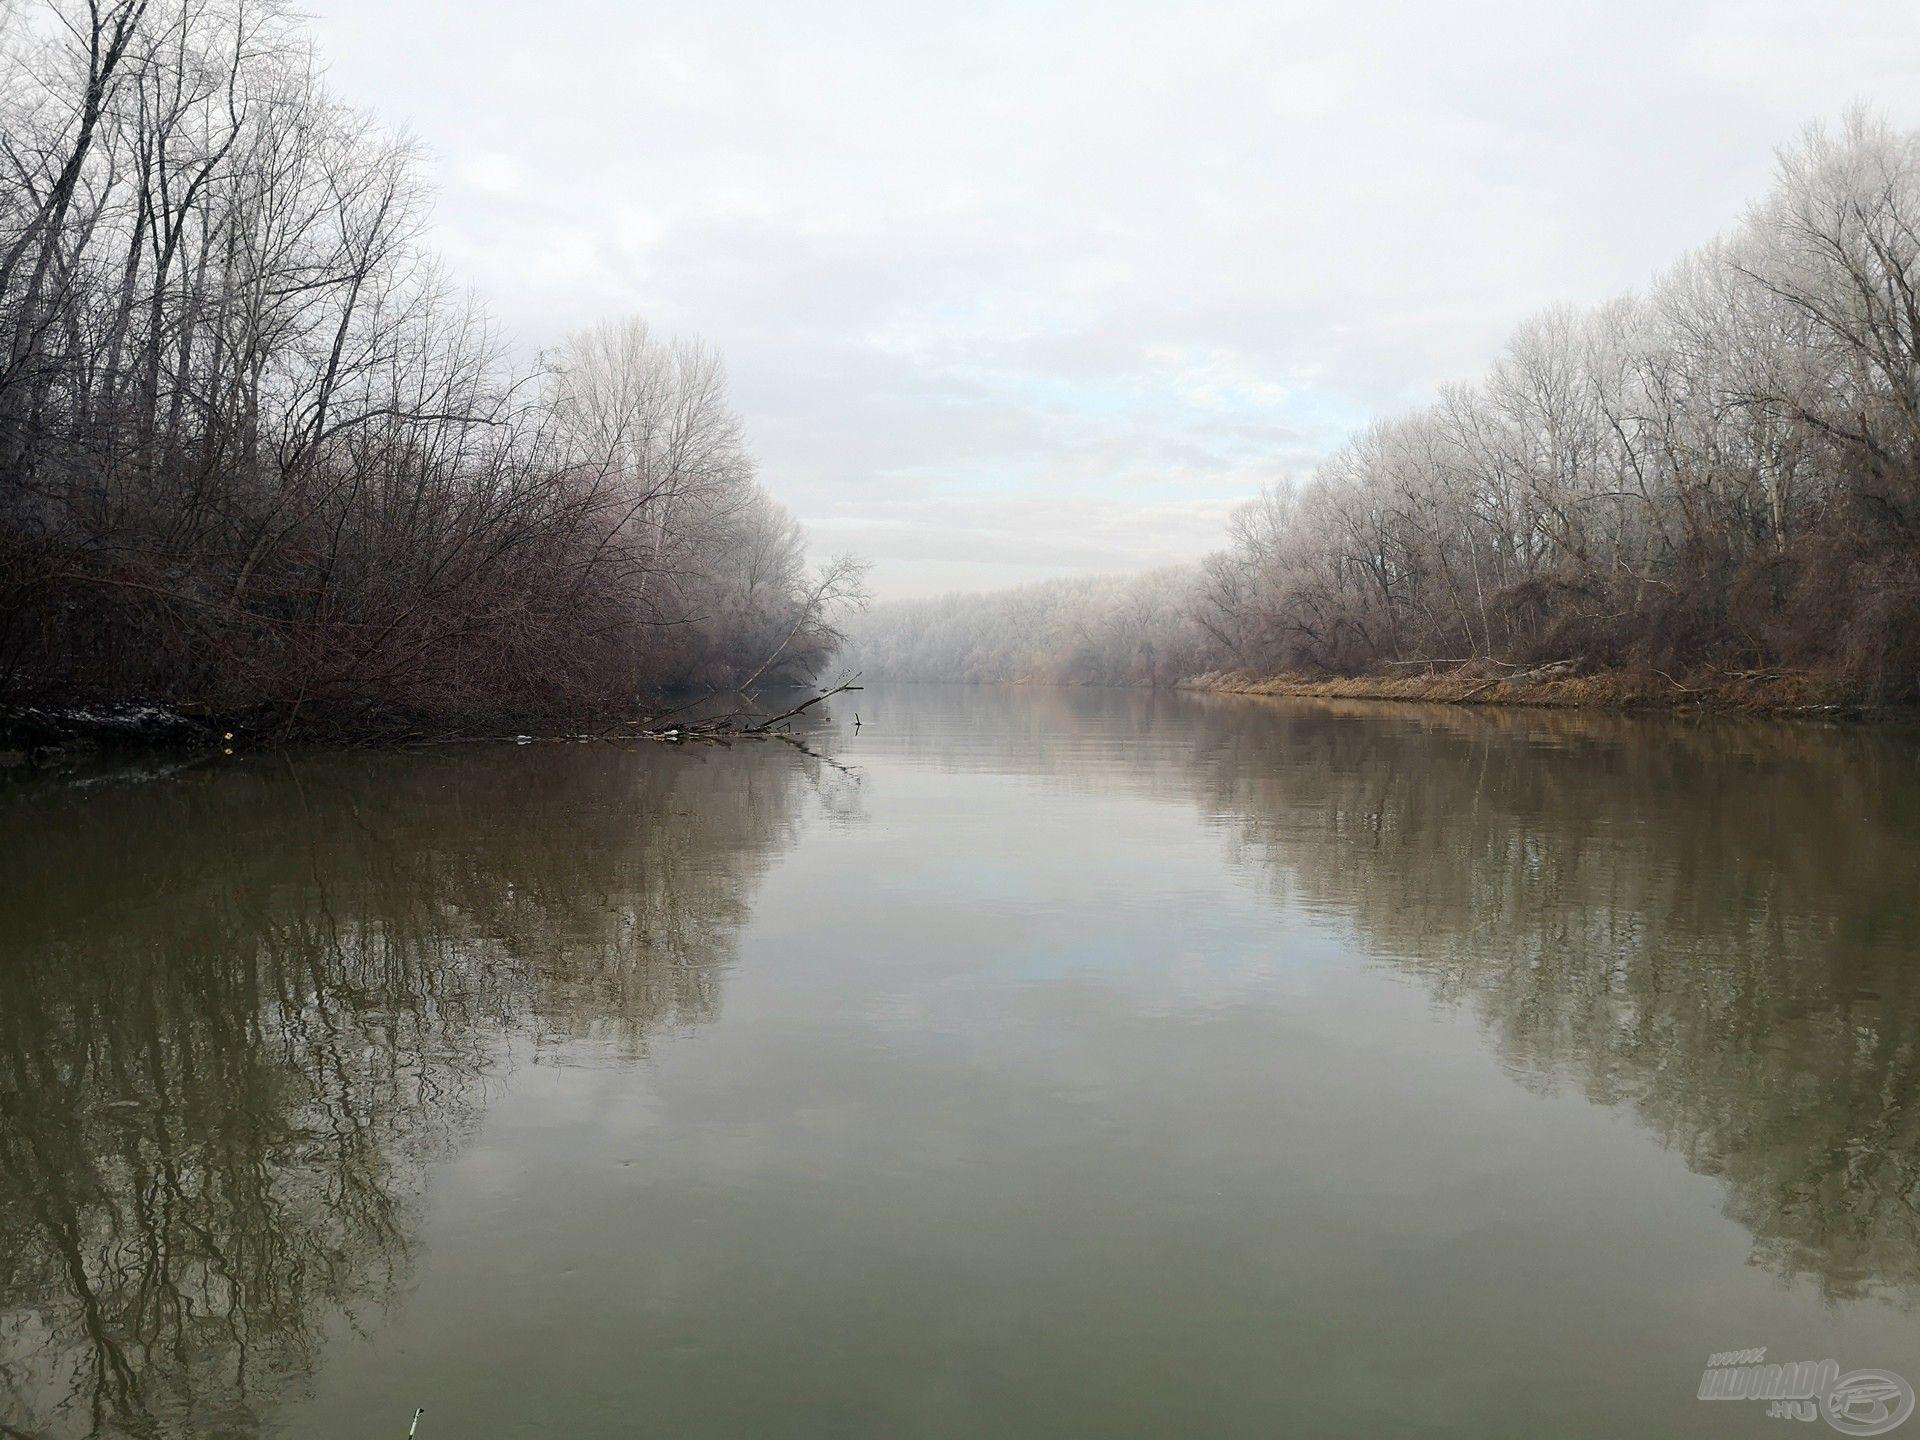 Késő ősszel, főleg a kisebb folyókon, már a mély vizű medret horgásszuk meg